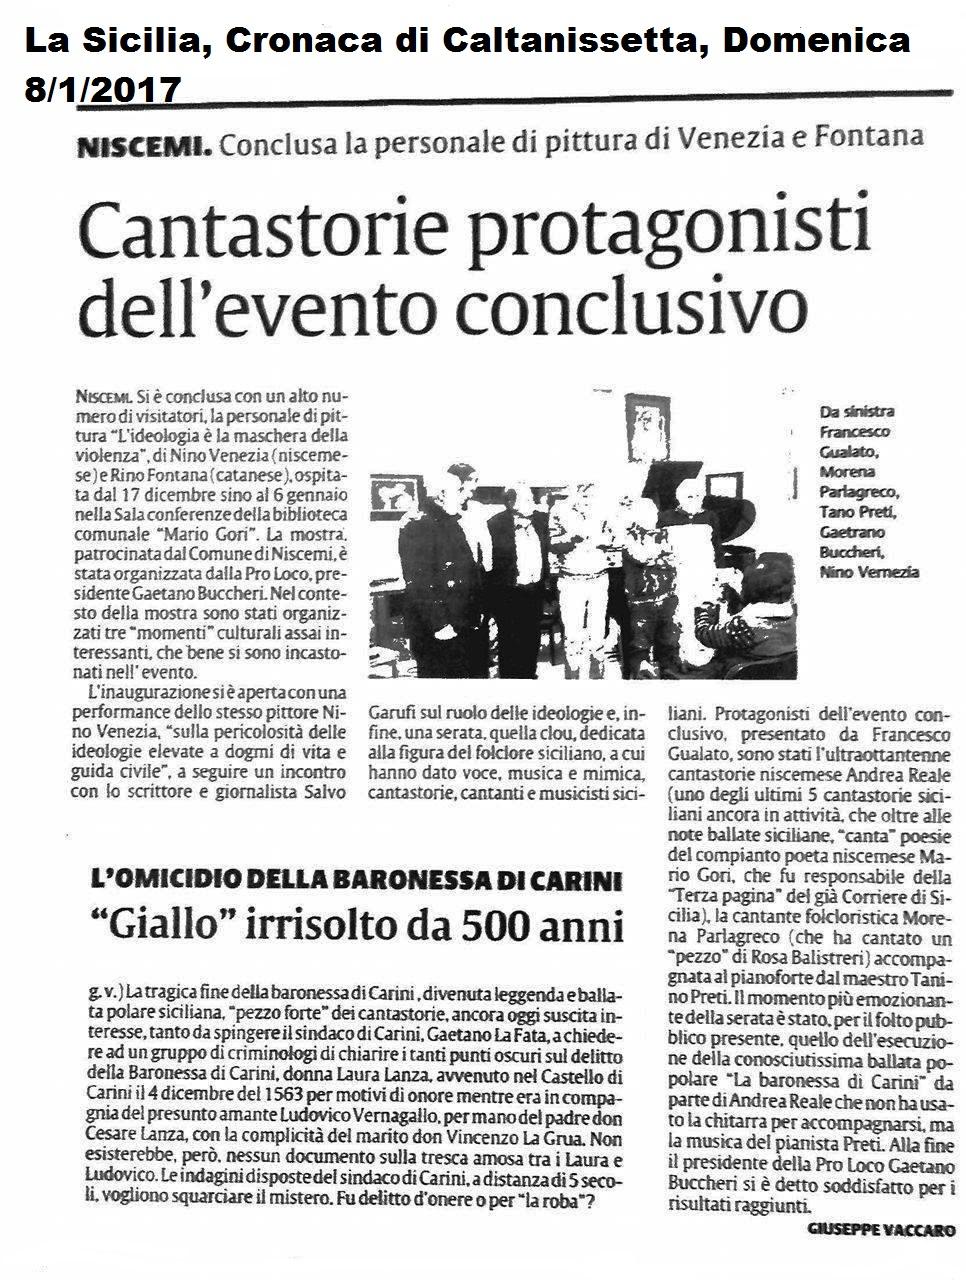 pro_loco_2016_mostra_venezia_la_sicilia_8_1_2017